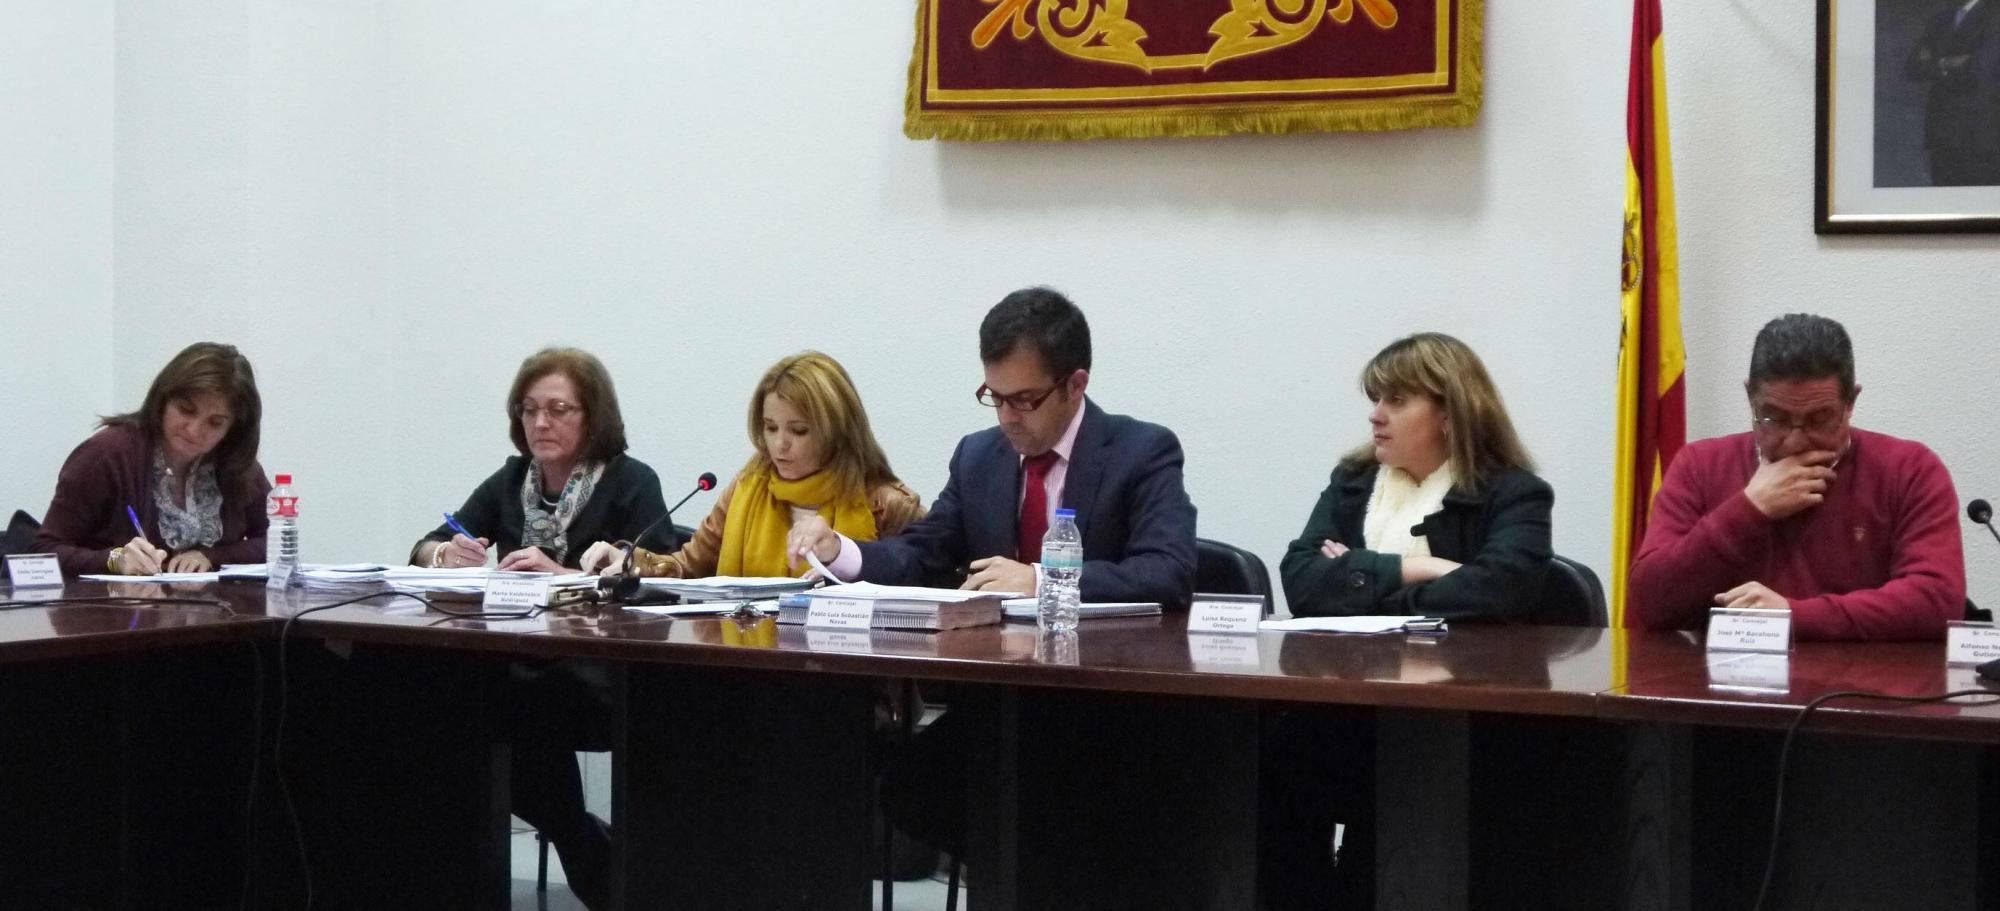 El Ayuntamiento Villanueva de la Torre hace balance en el Pleno sobre las cuentas de 2013 y encuentra motivos para la esperanza